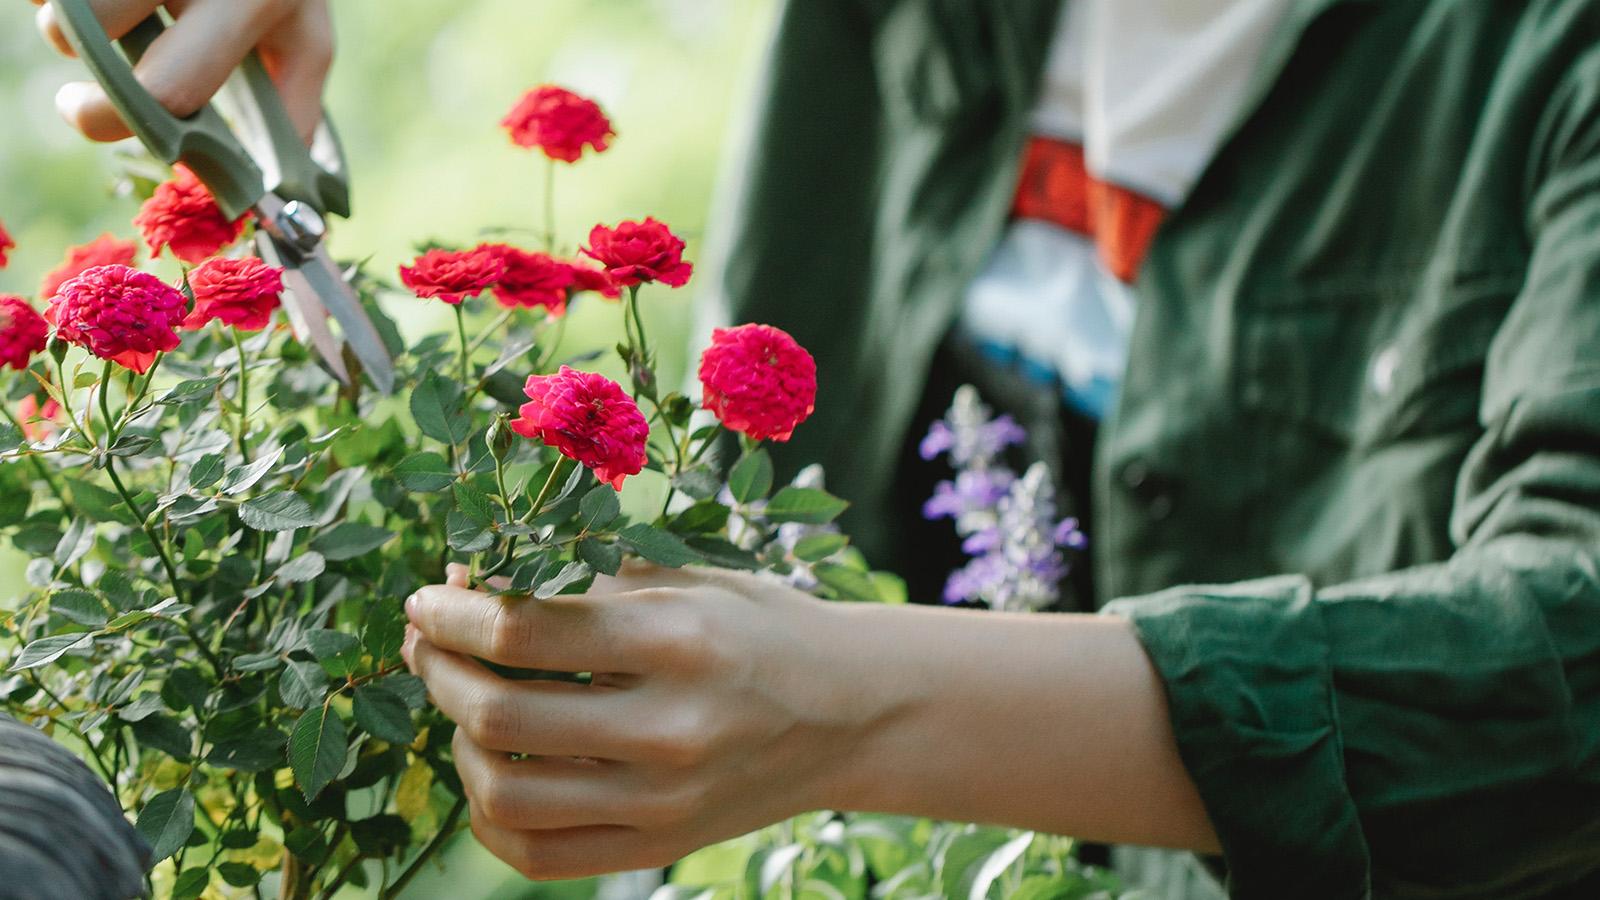 hướng dẫn trồng hoa cho người mới bắt đầu